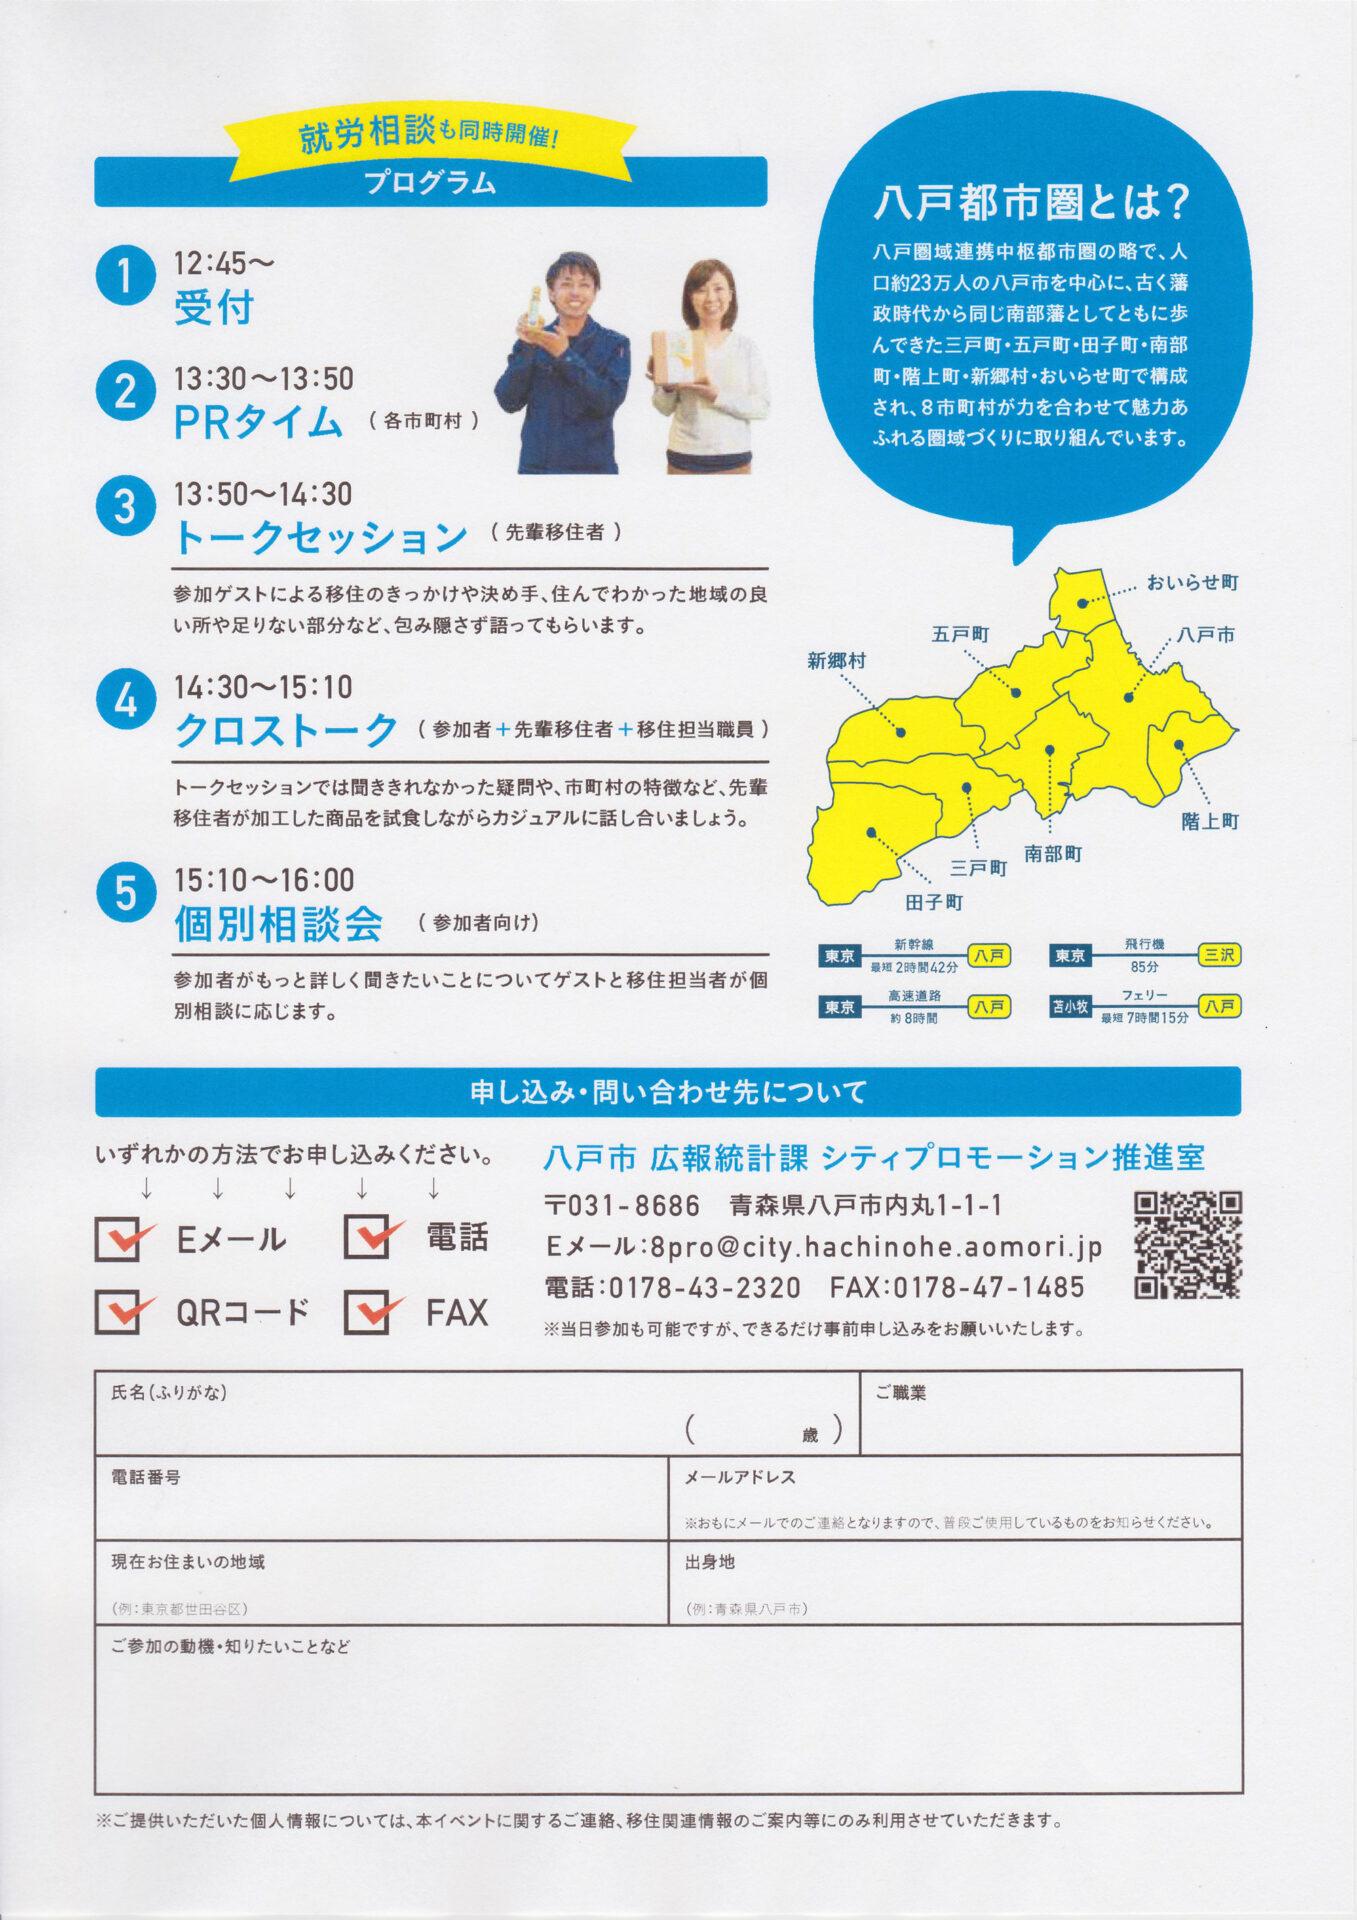 八戸都市圏 移住セミナー ポスター